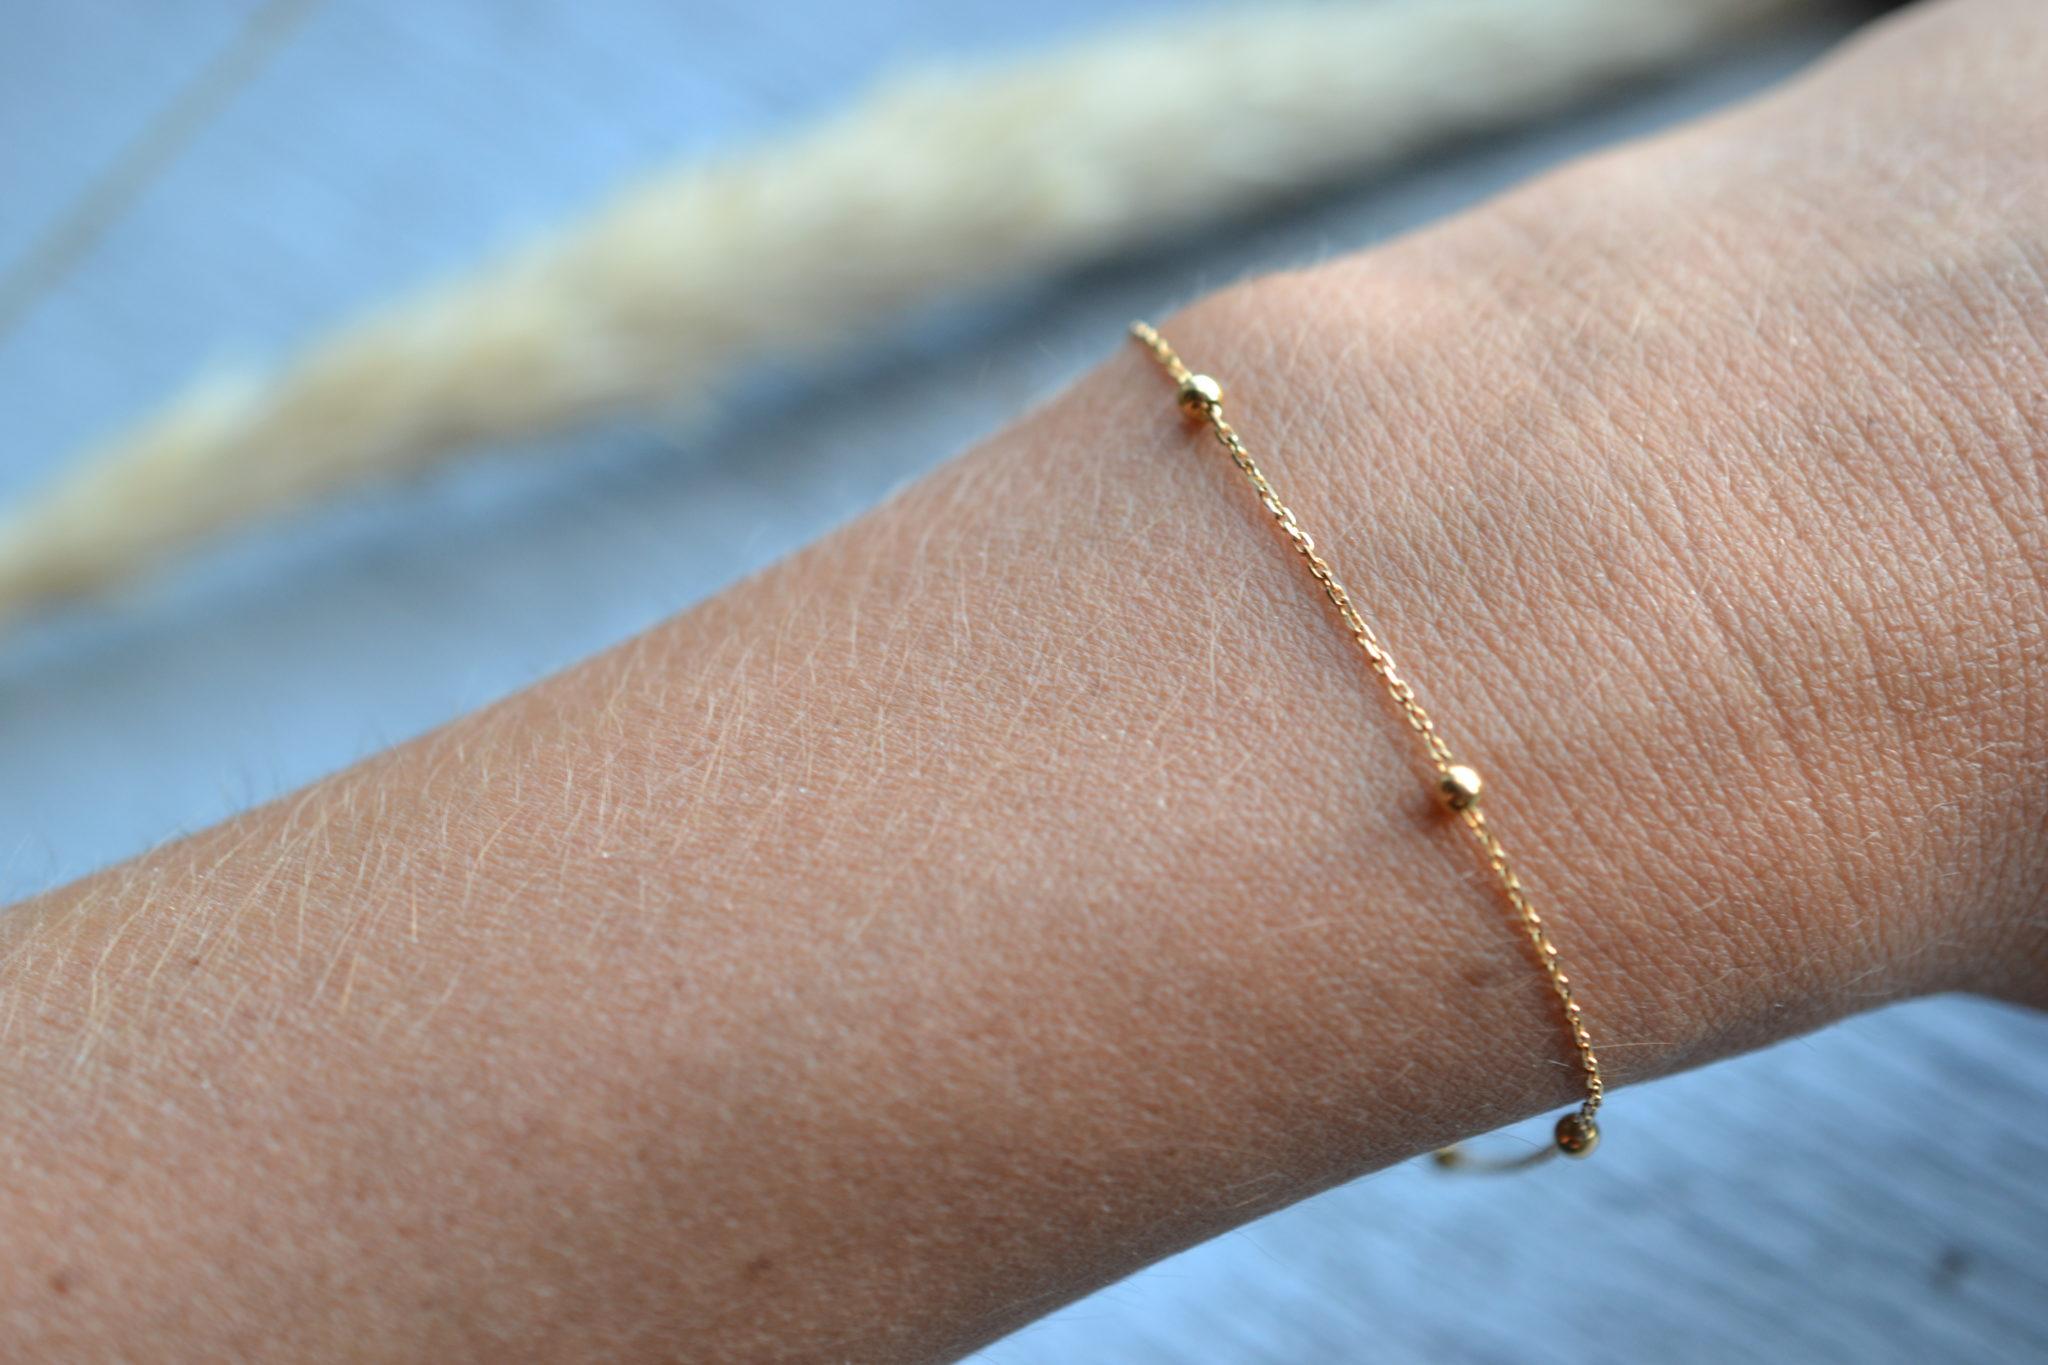 Bracelet en or 18K, 750:1000, orné de 5 petites billes poinçon tête d'aigle bracelet vintage chaine occasion